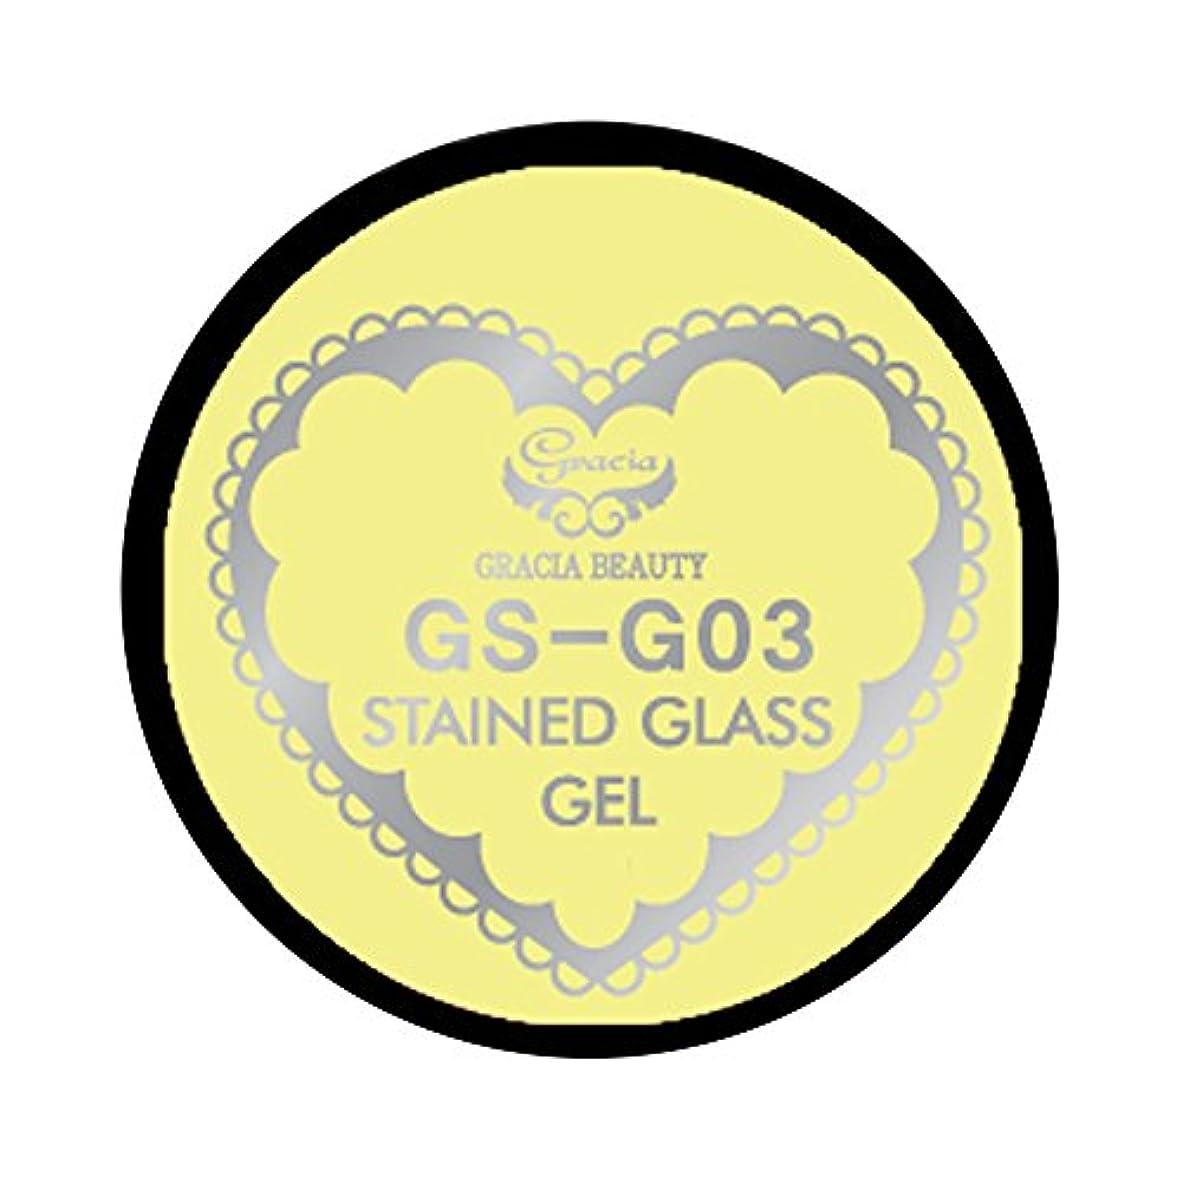 販売員自発ペストリーグラシア ジェルネイル ステンドグラスジェル GSM-G03 3g  グリッター UV/LED対応 カラージェル ソークオフジェル ガラスのような透明感